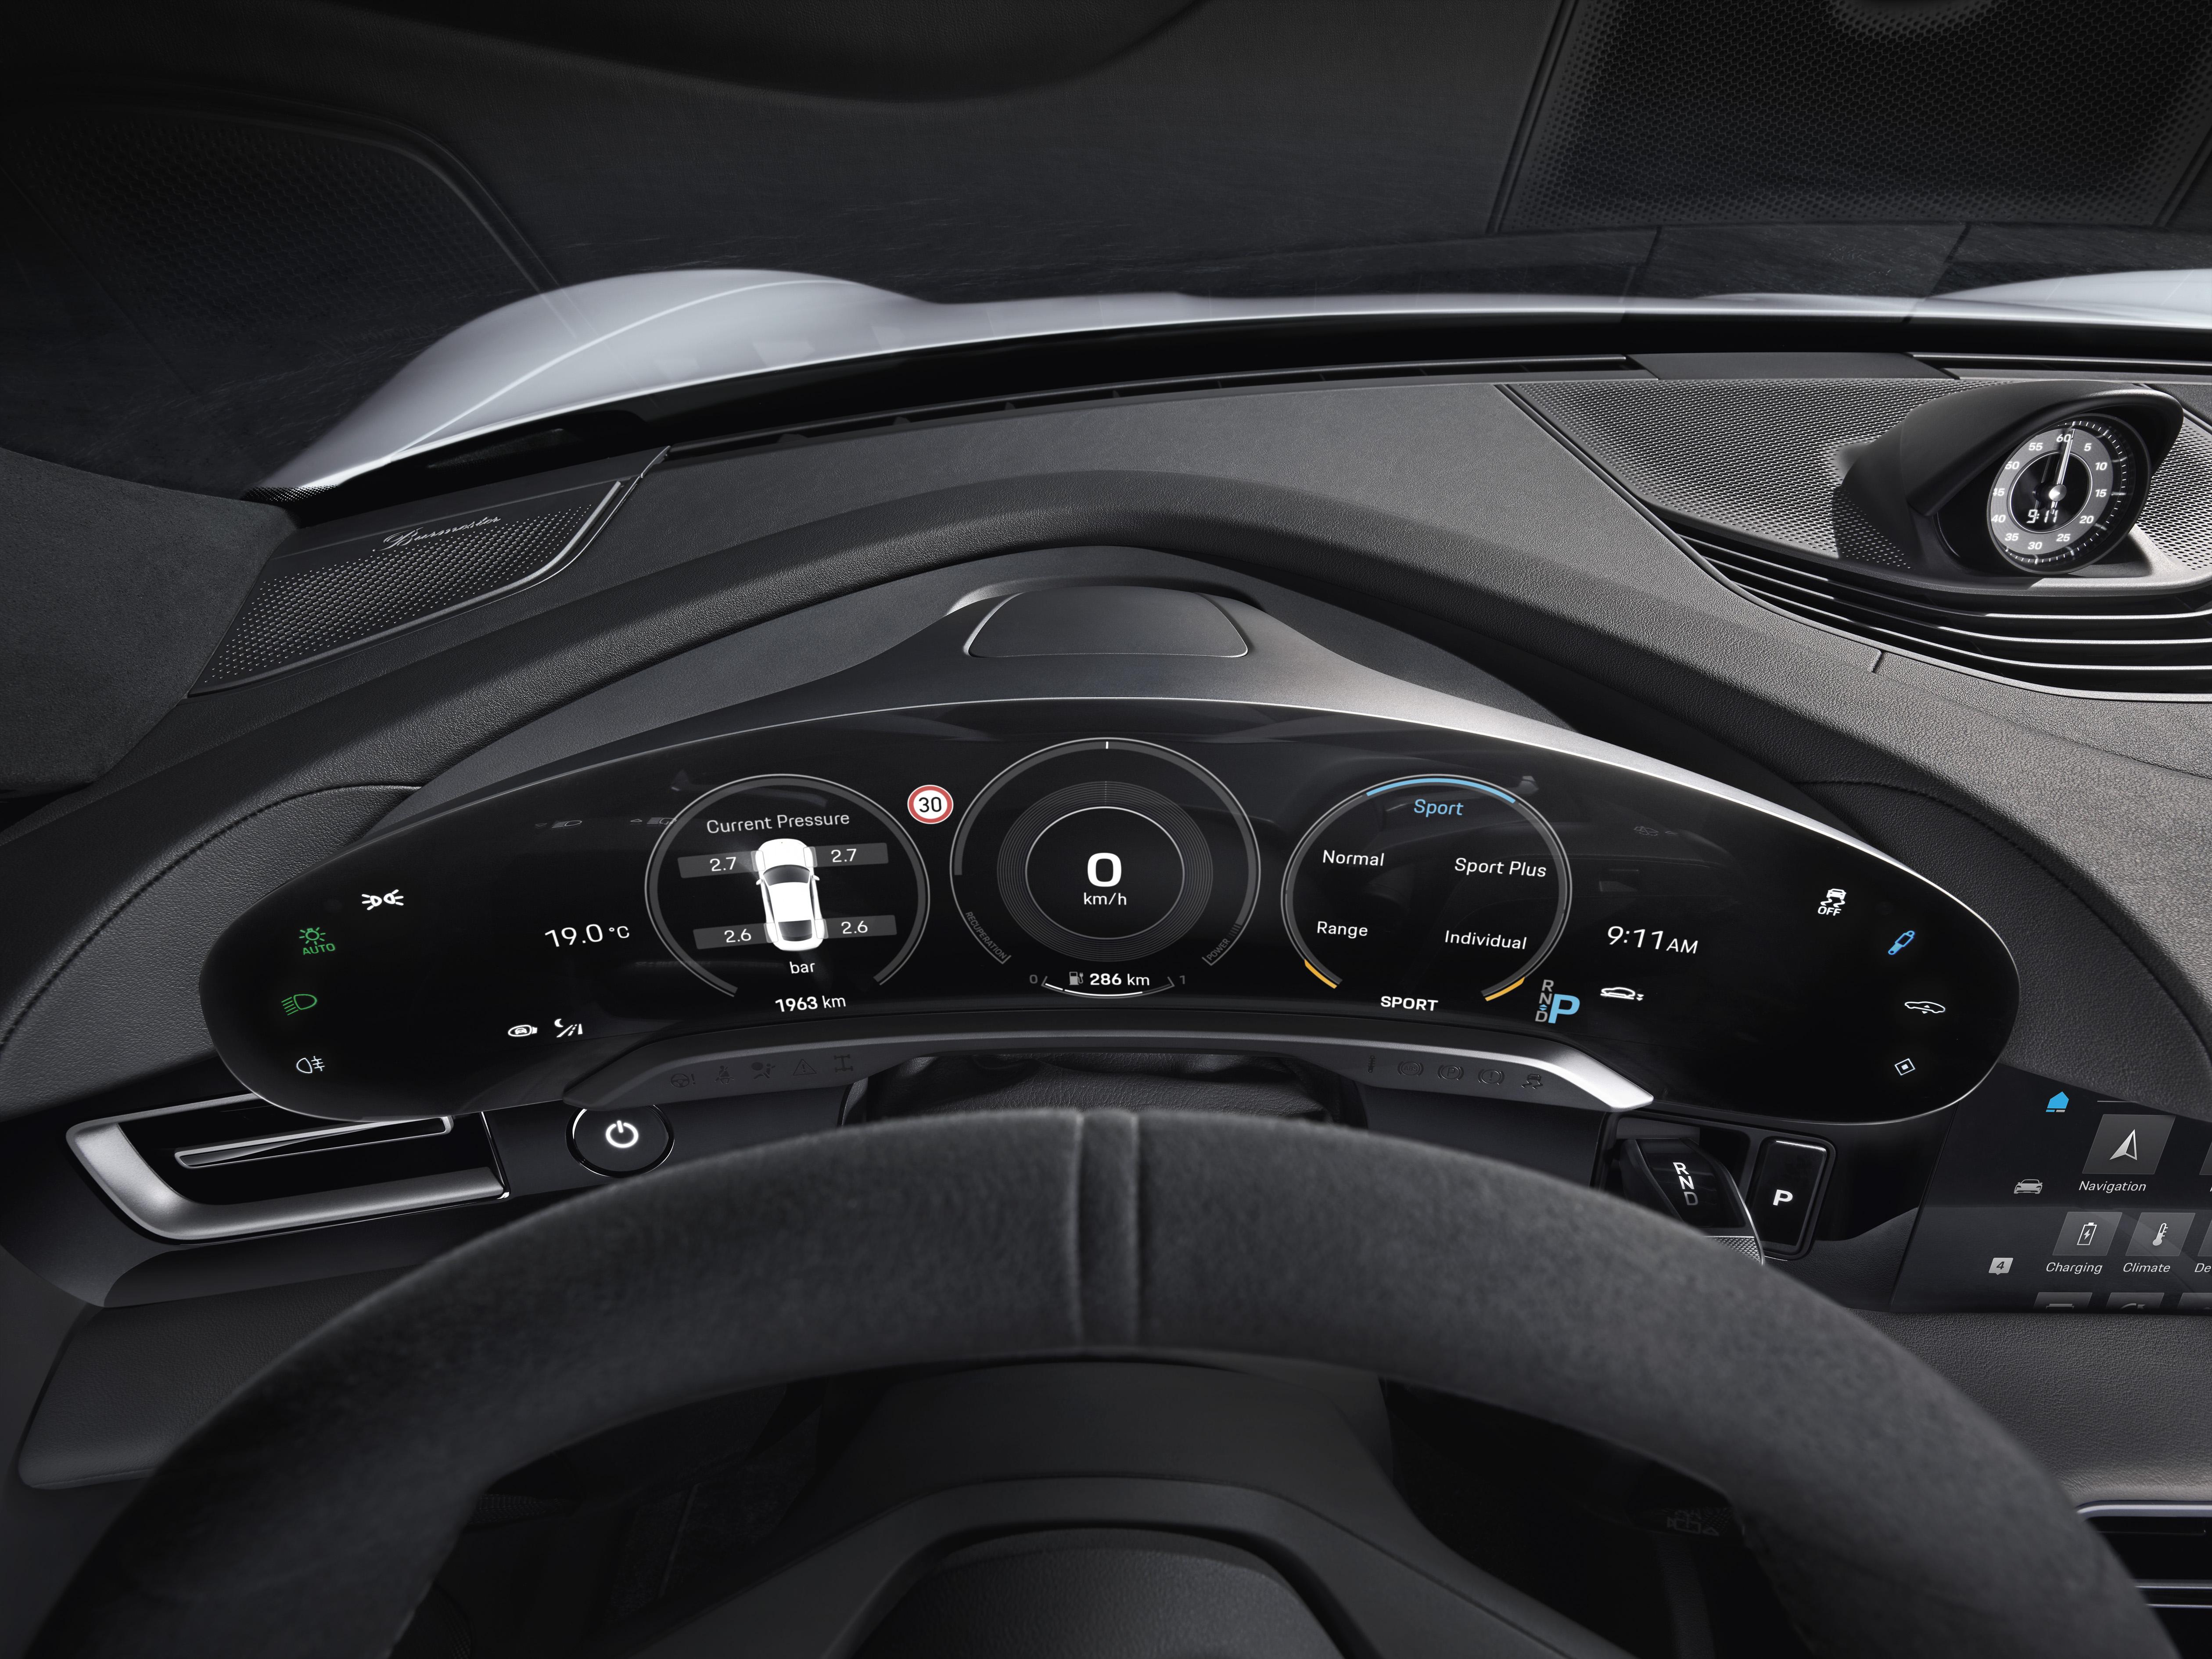 Porsche-Taycan-Interior-instrument